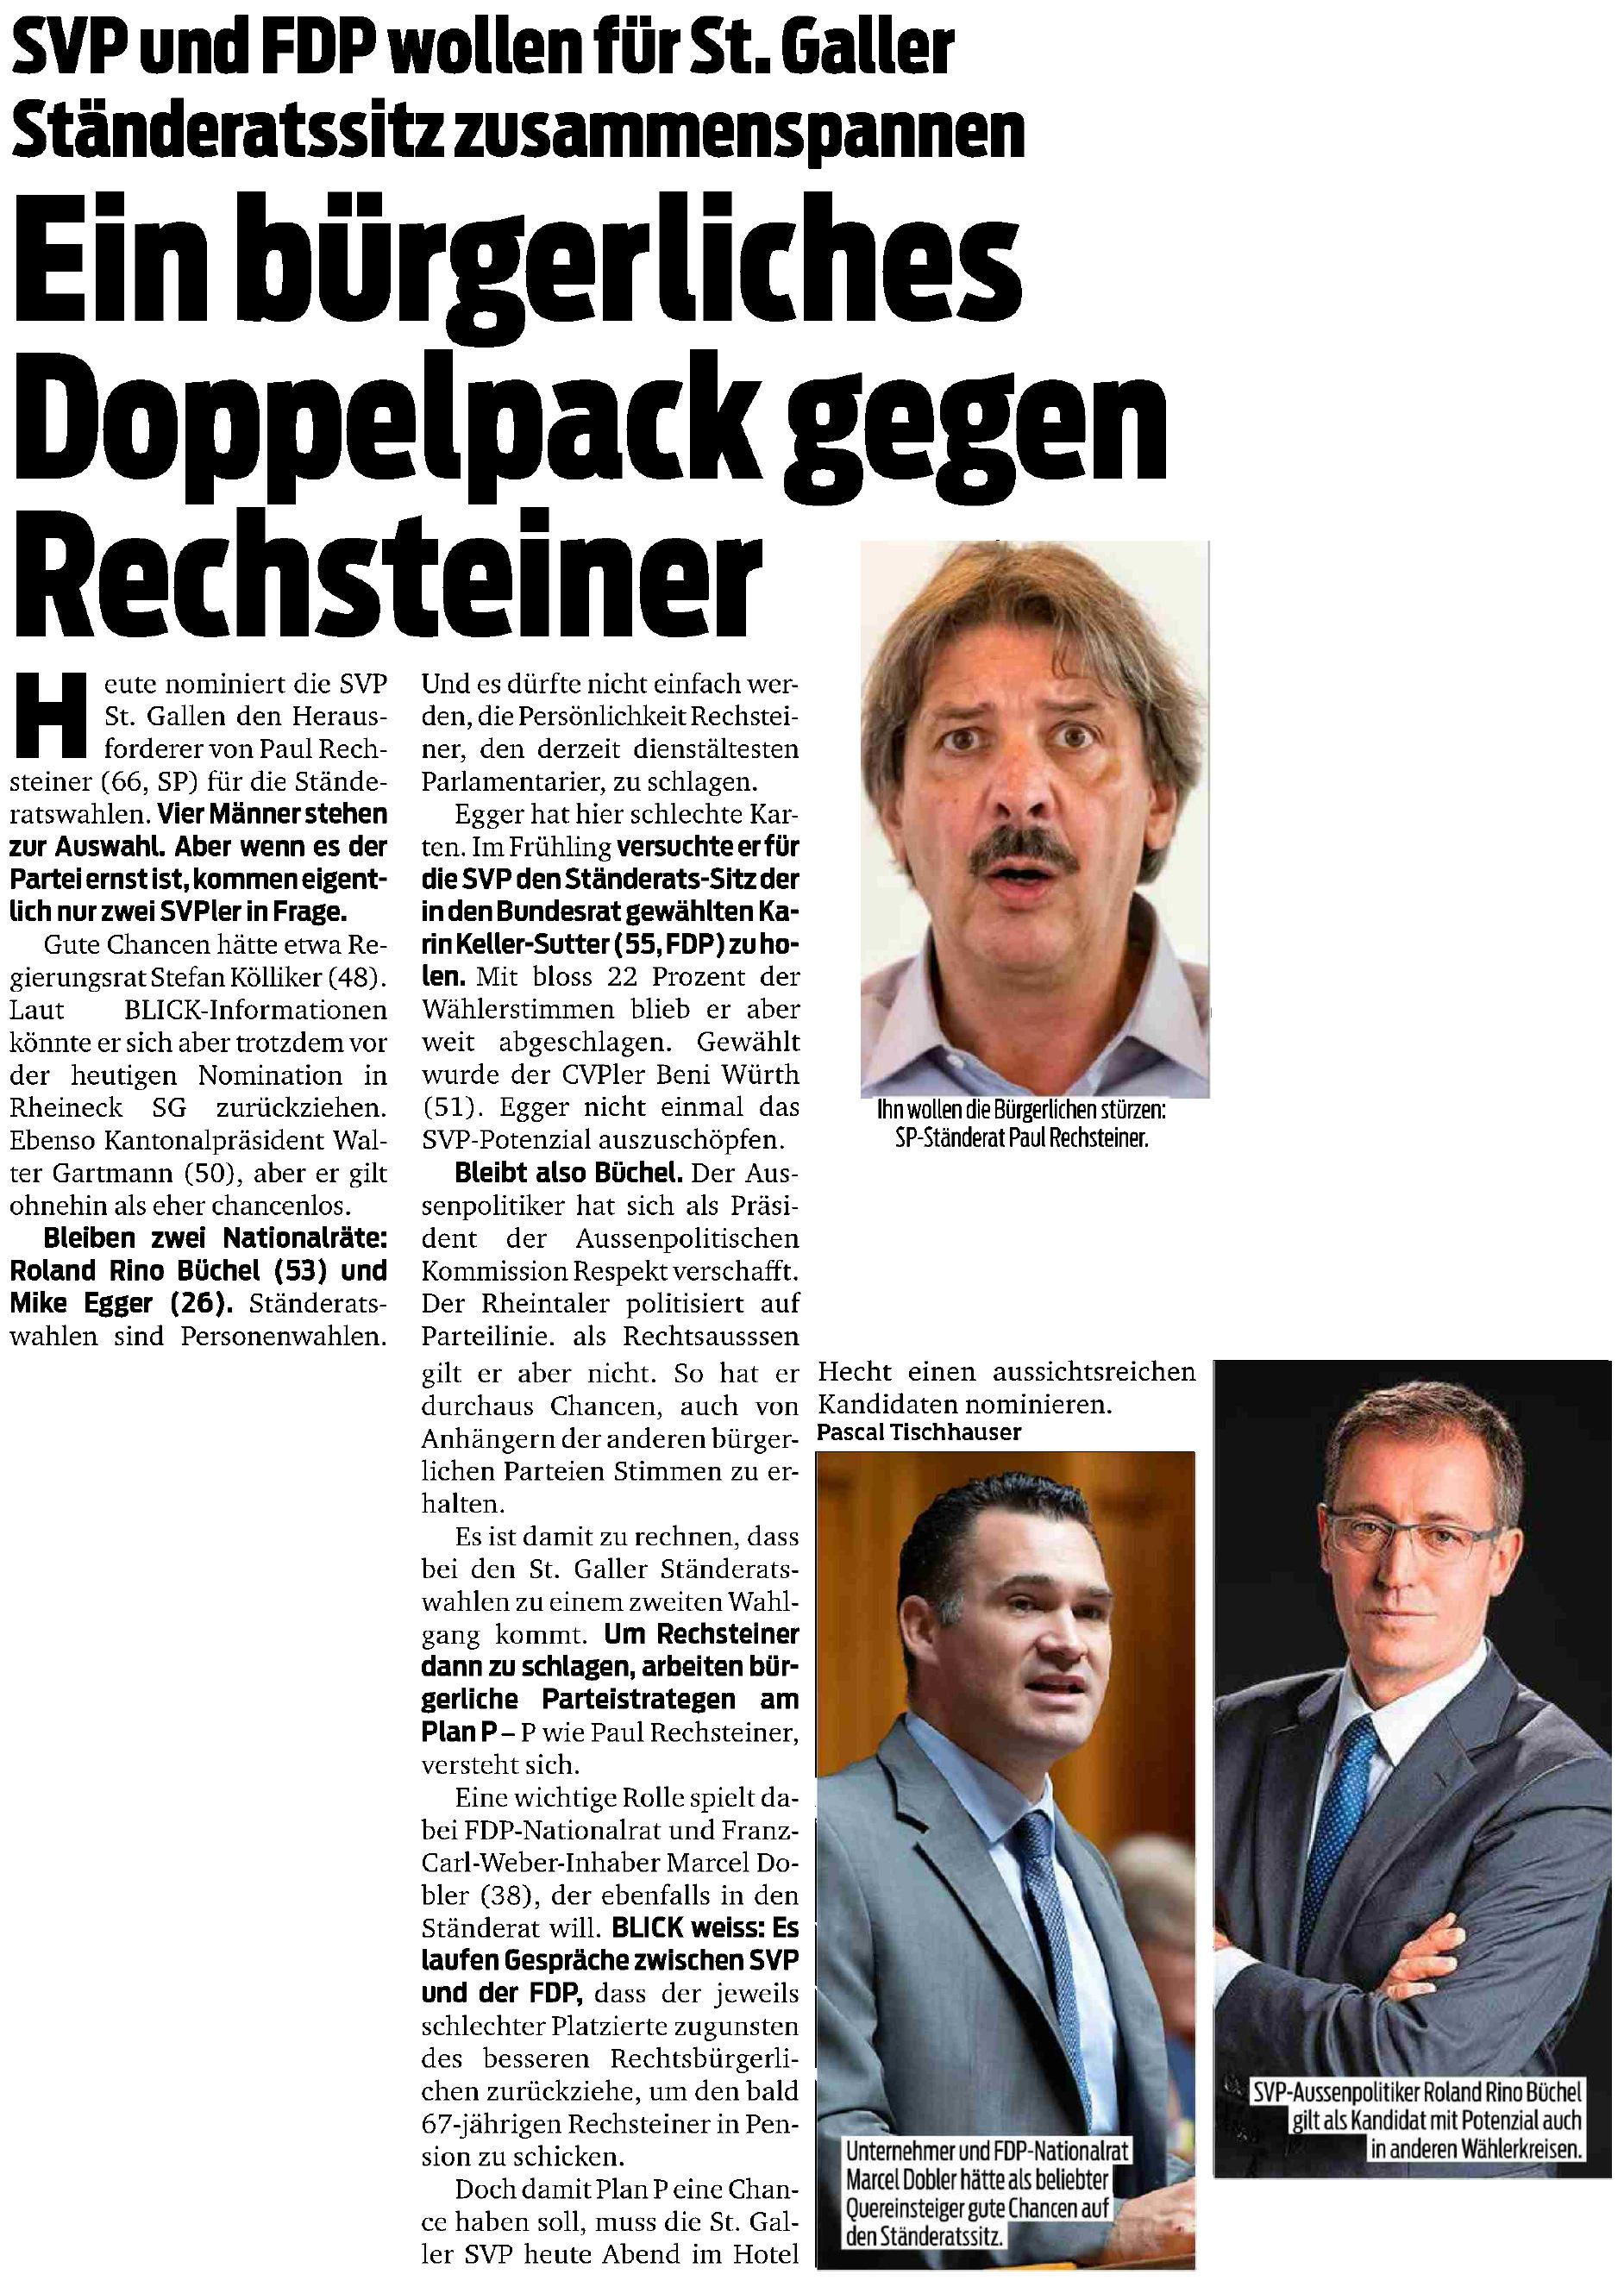 Bürgerliches Doppelpack gegen Rechsteiner (Mittwoch, 26.06.2019)